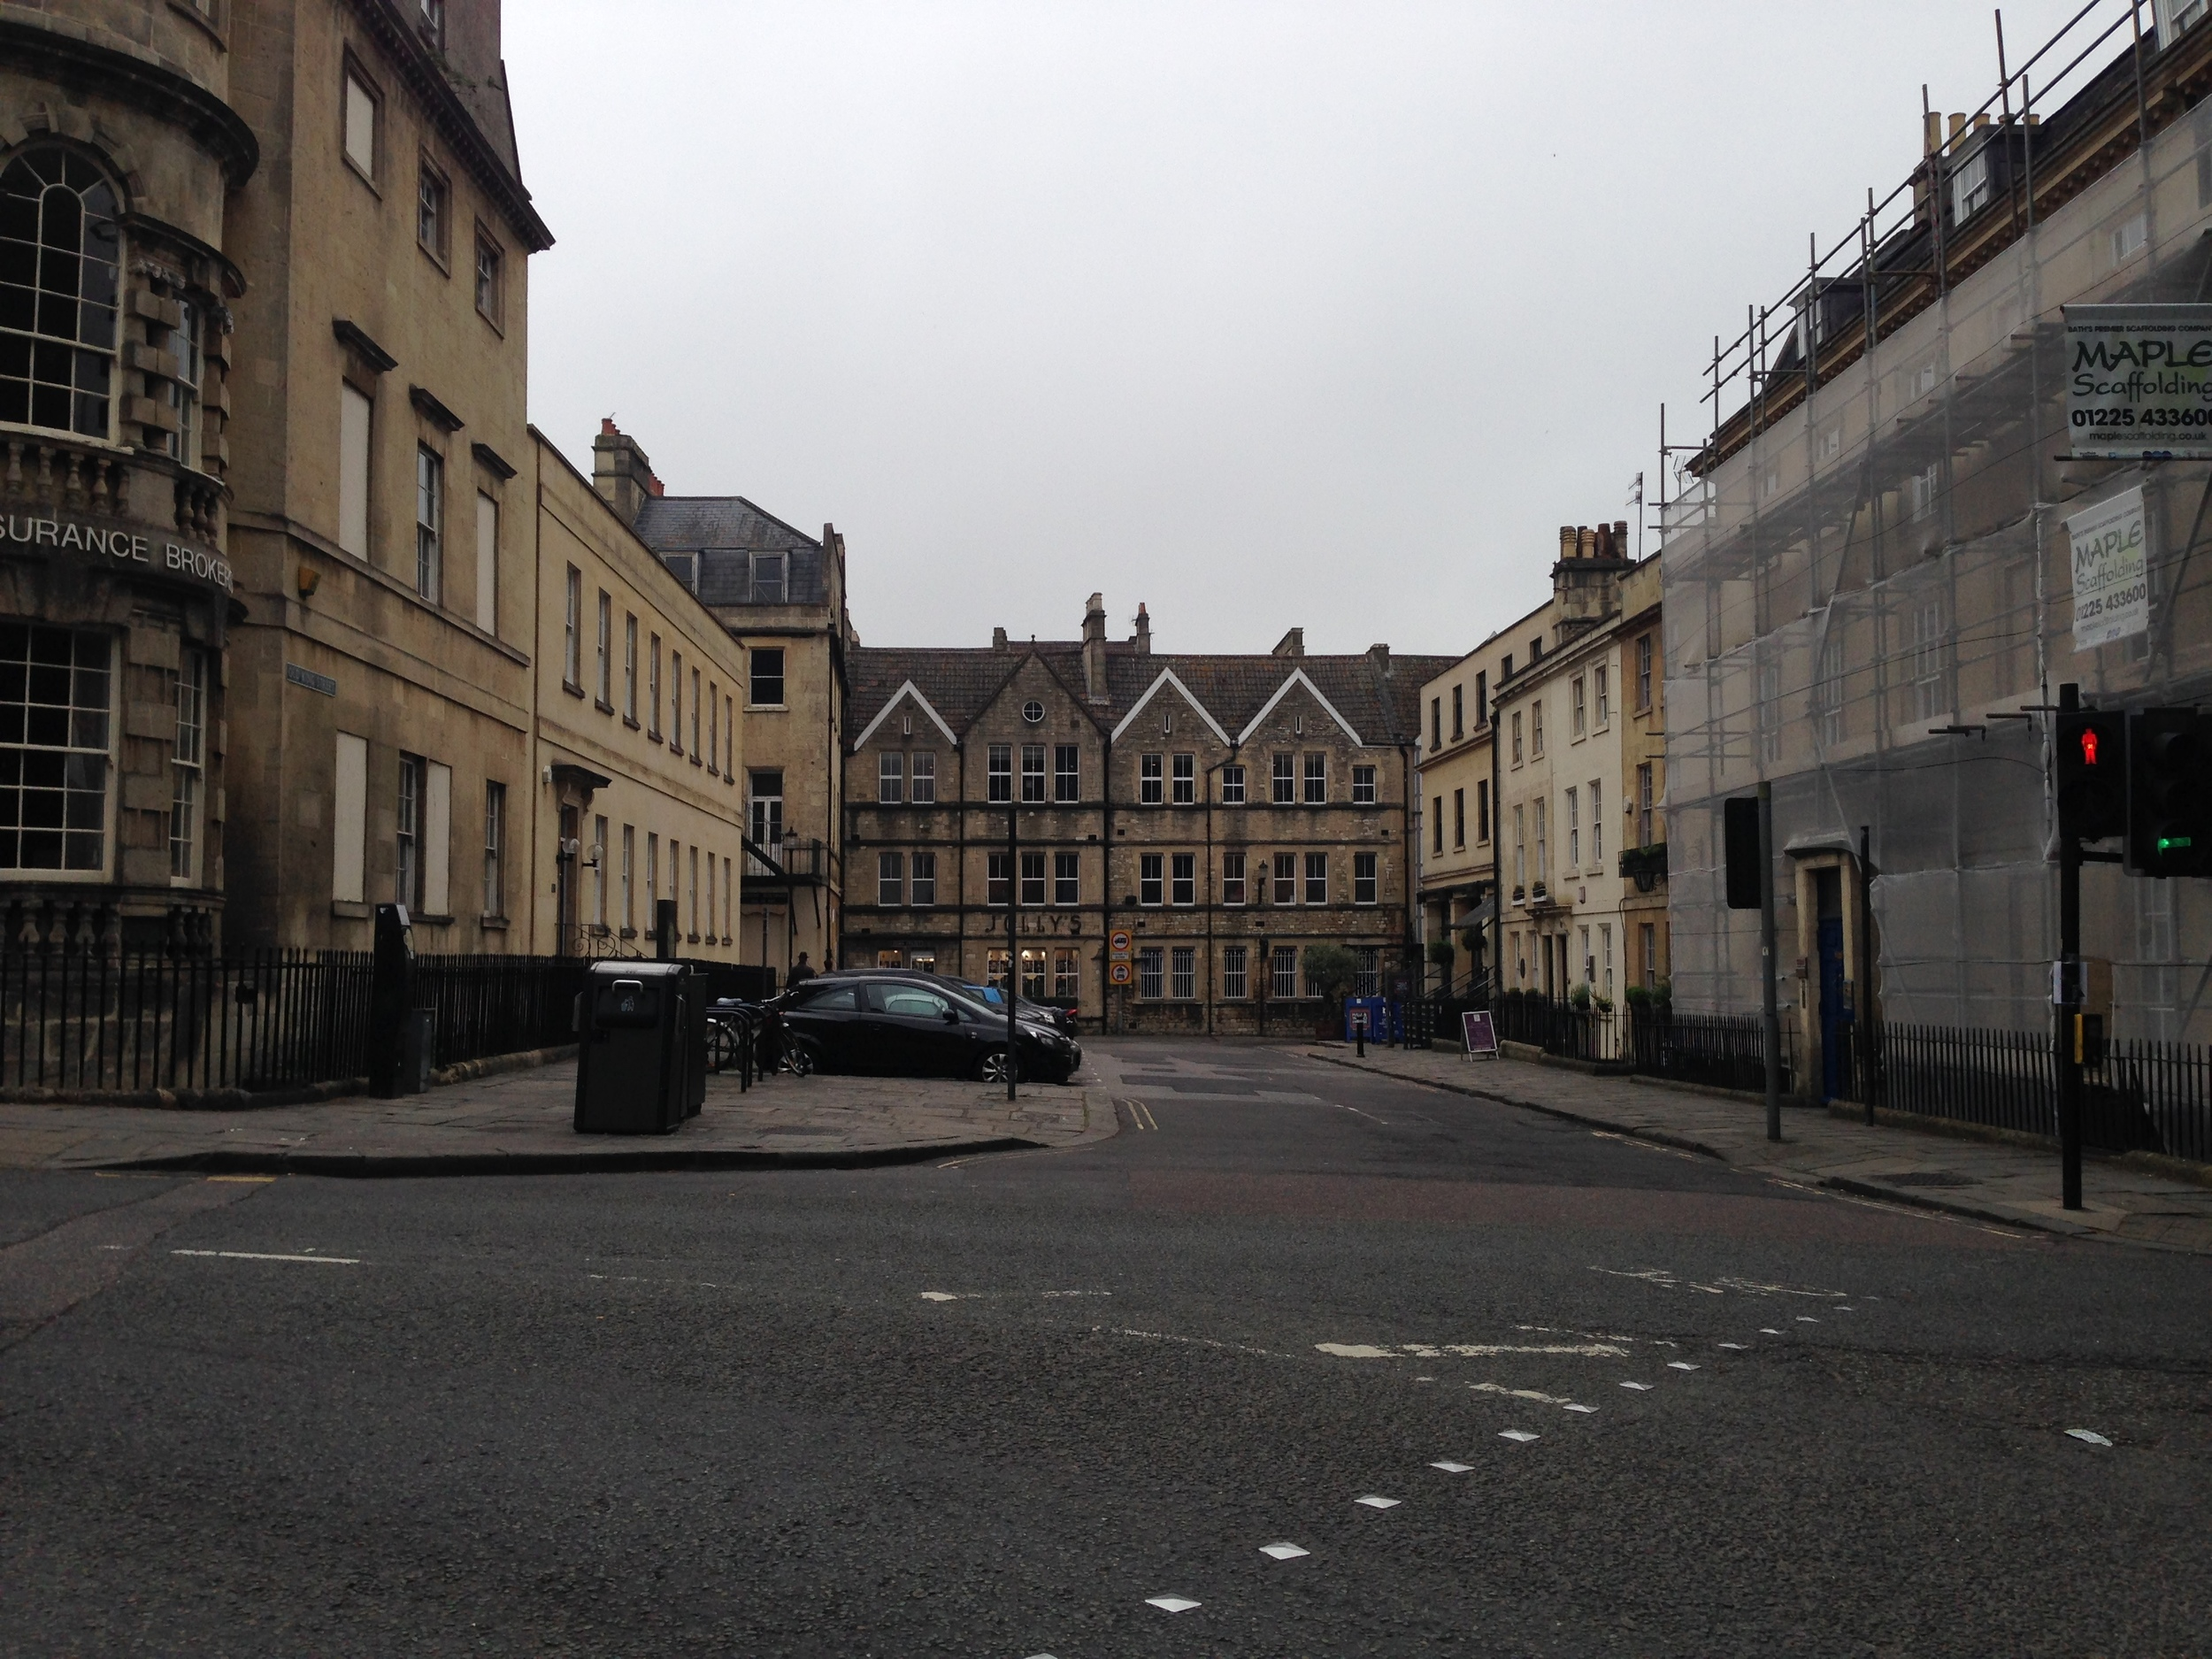 More buildings in Bath.